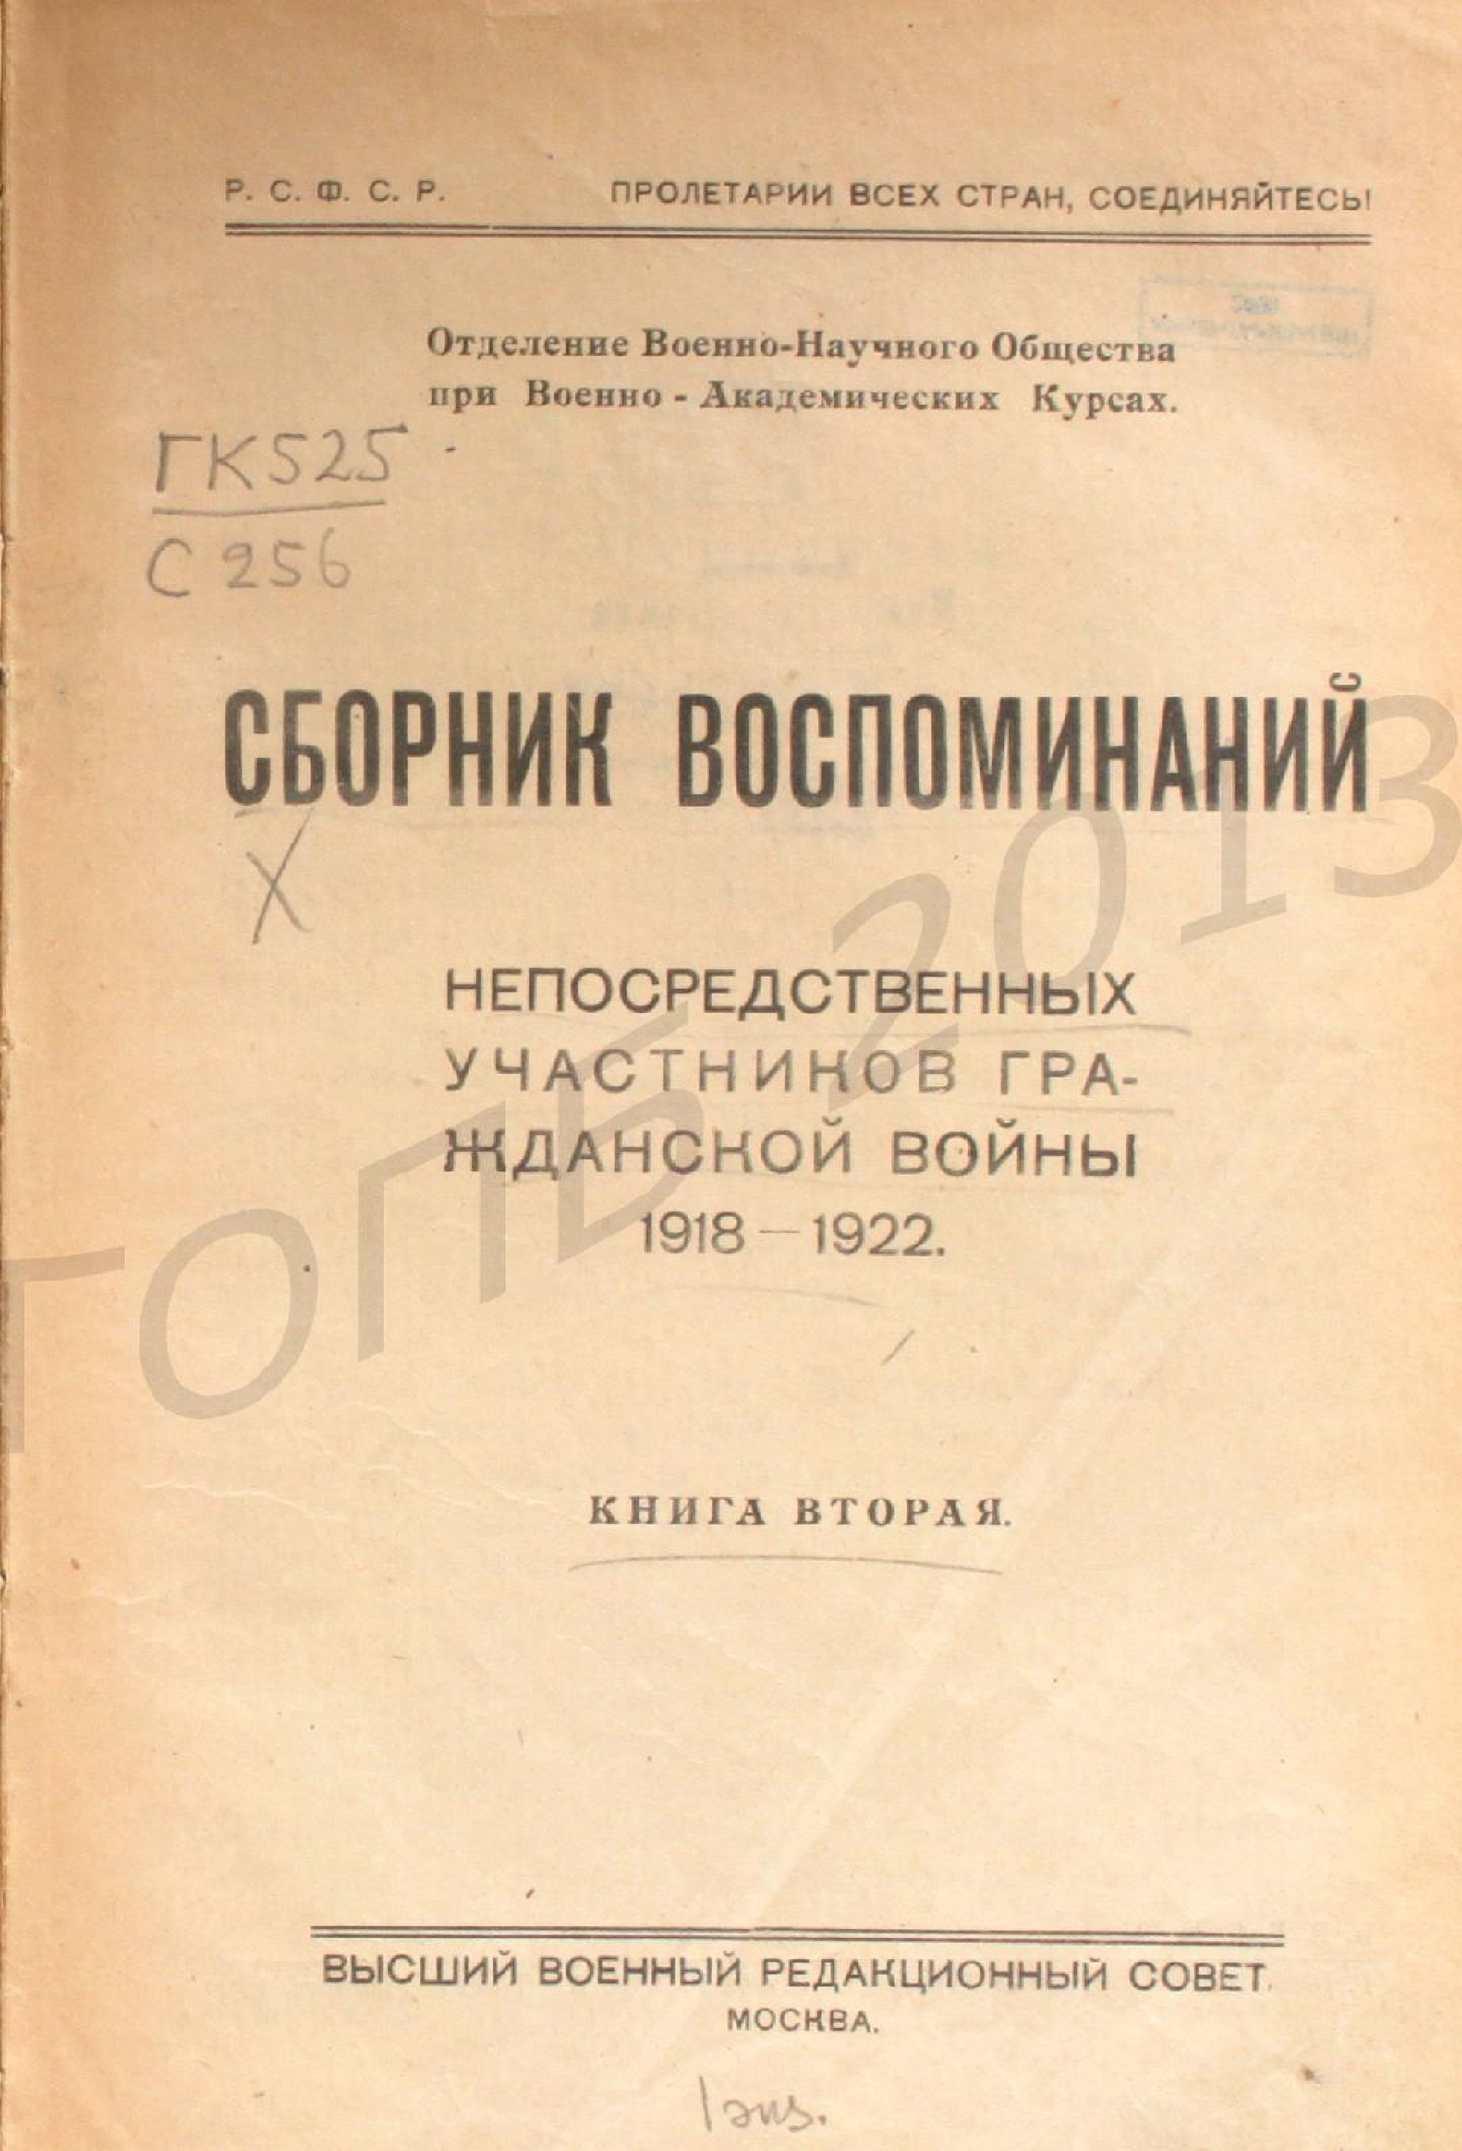 1932. Сборник воспоминаний непосредственных участников гражданской войны 1918-1922._02